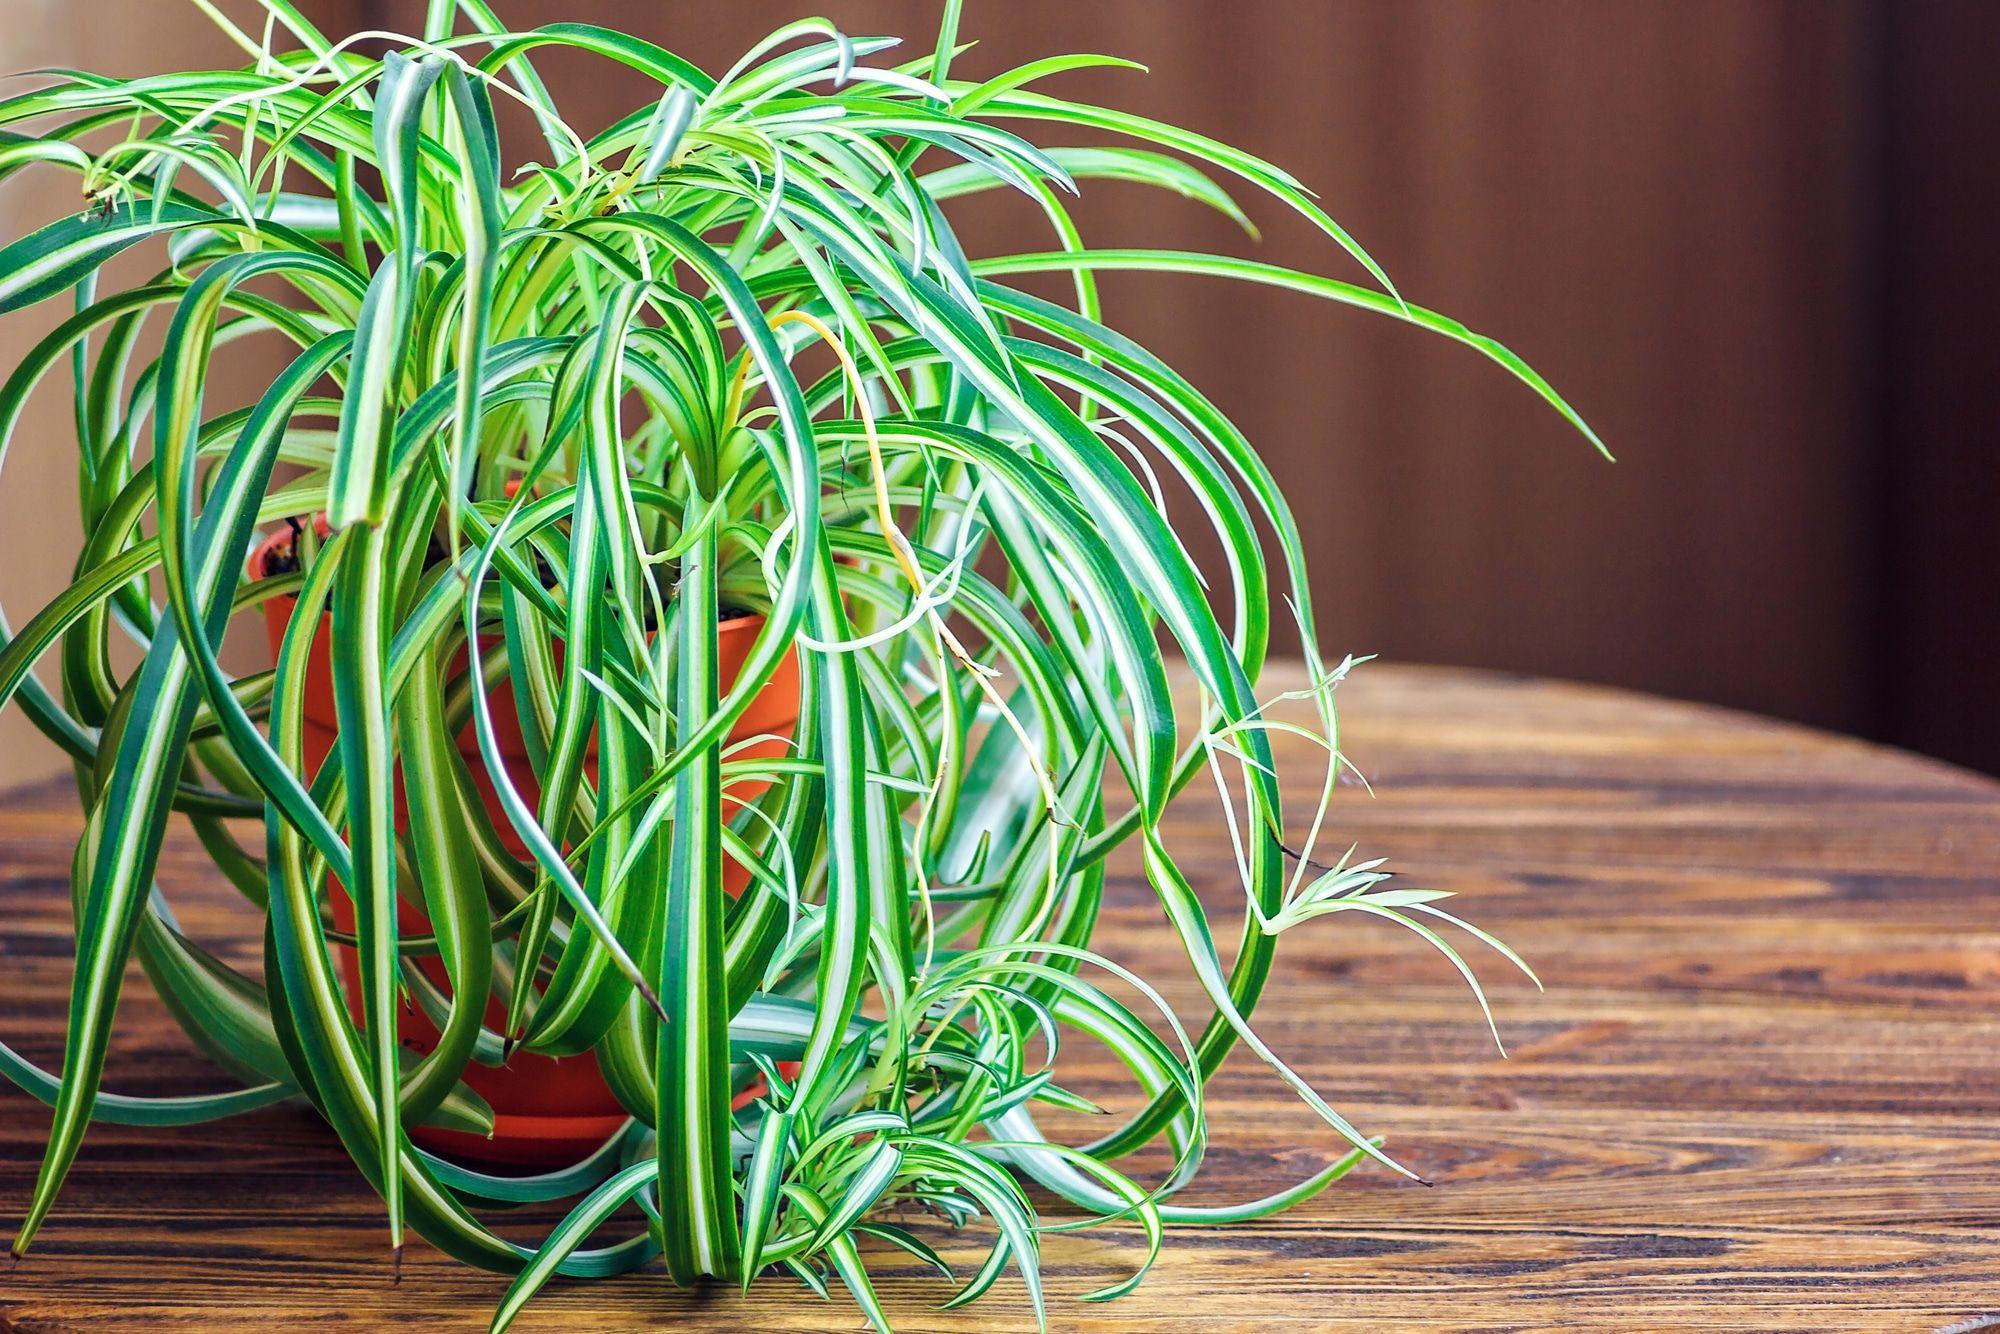 500 рублей, цветы хлорофитум где купить